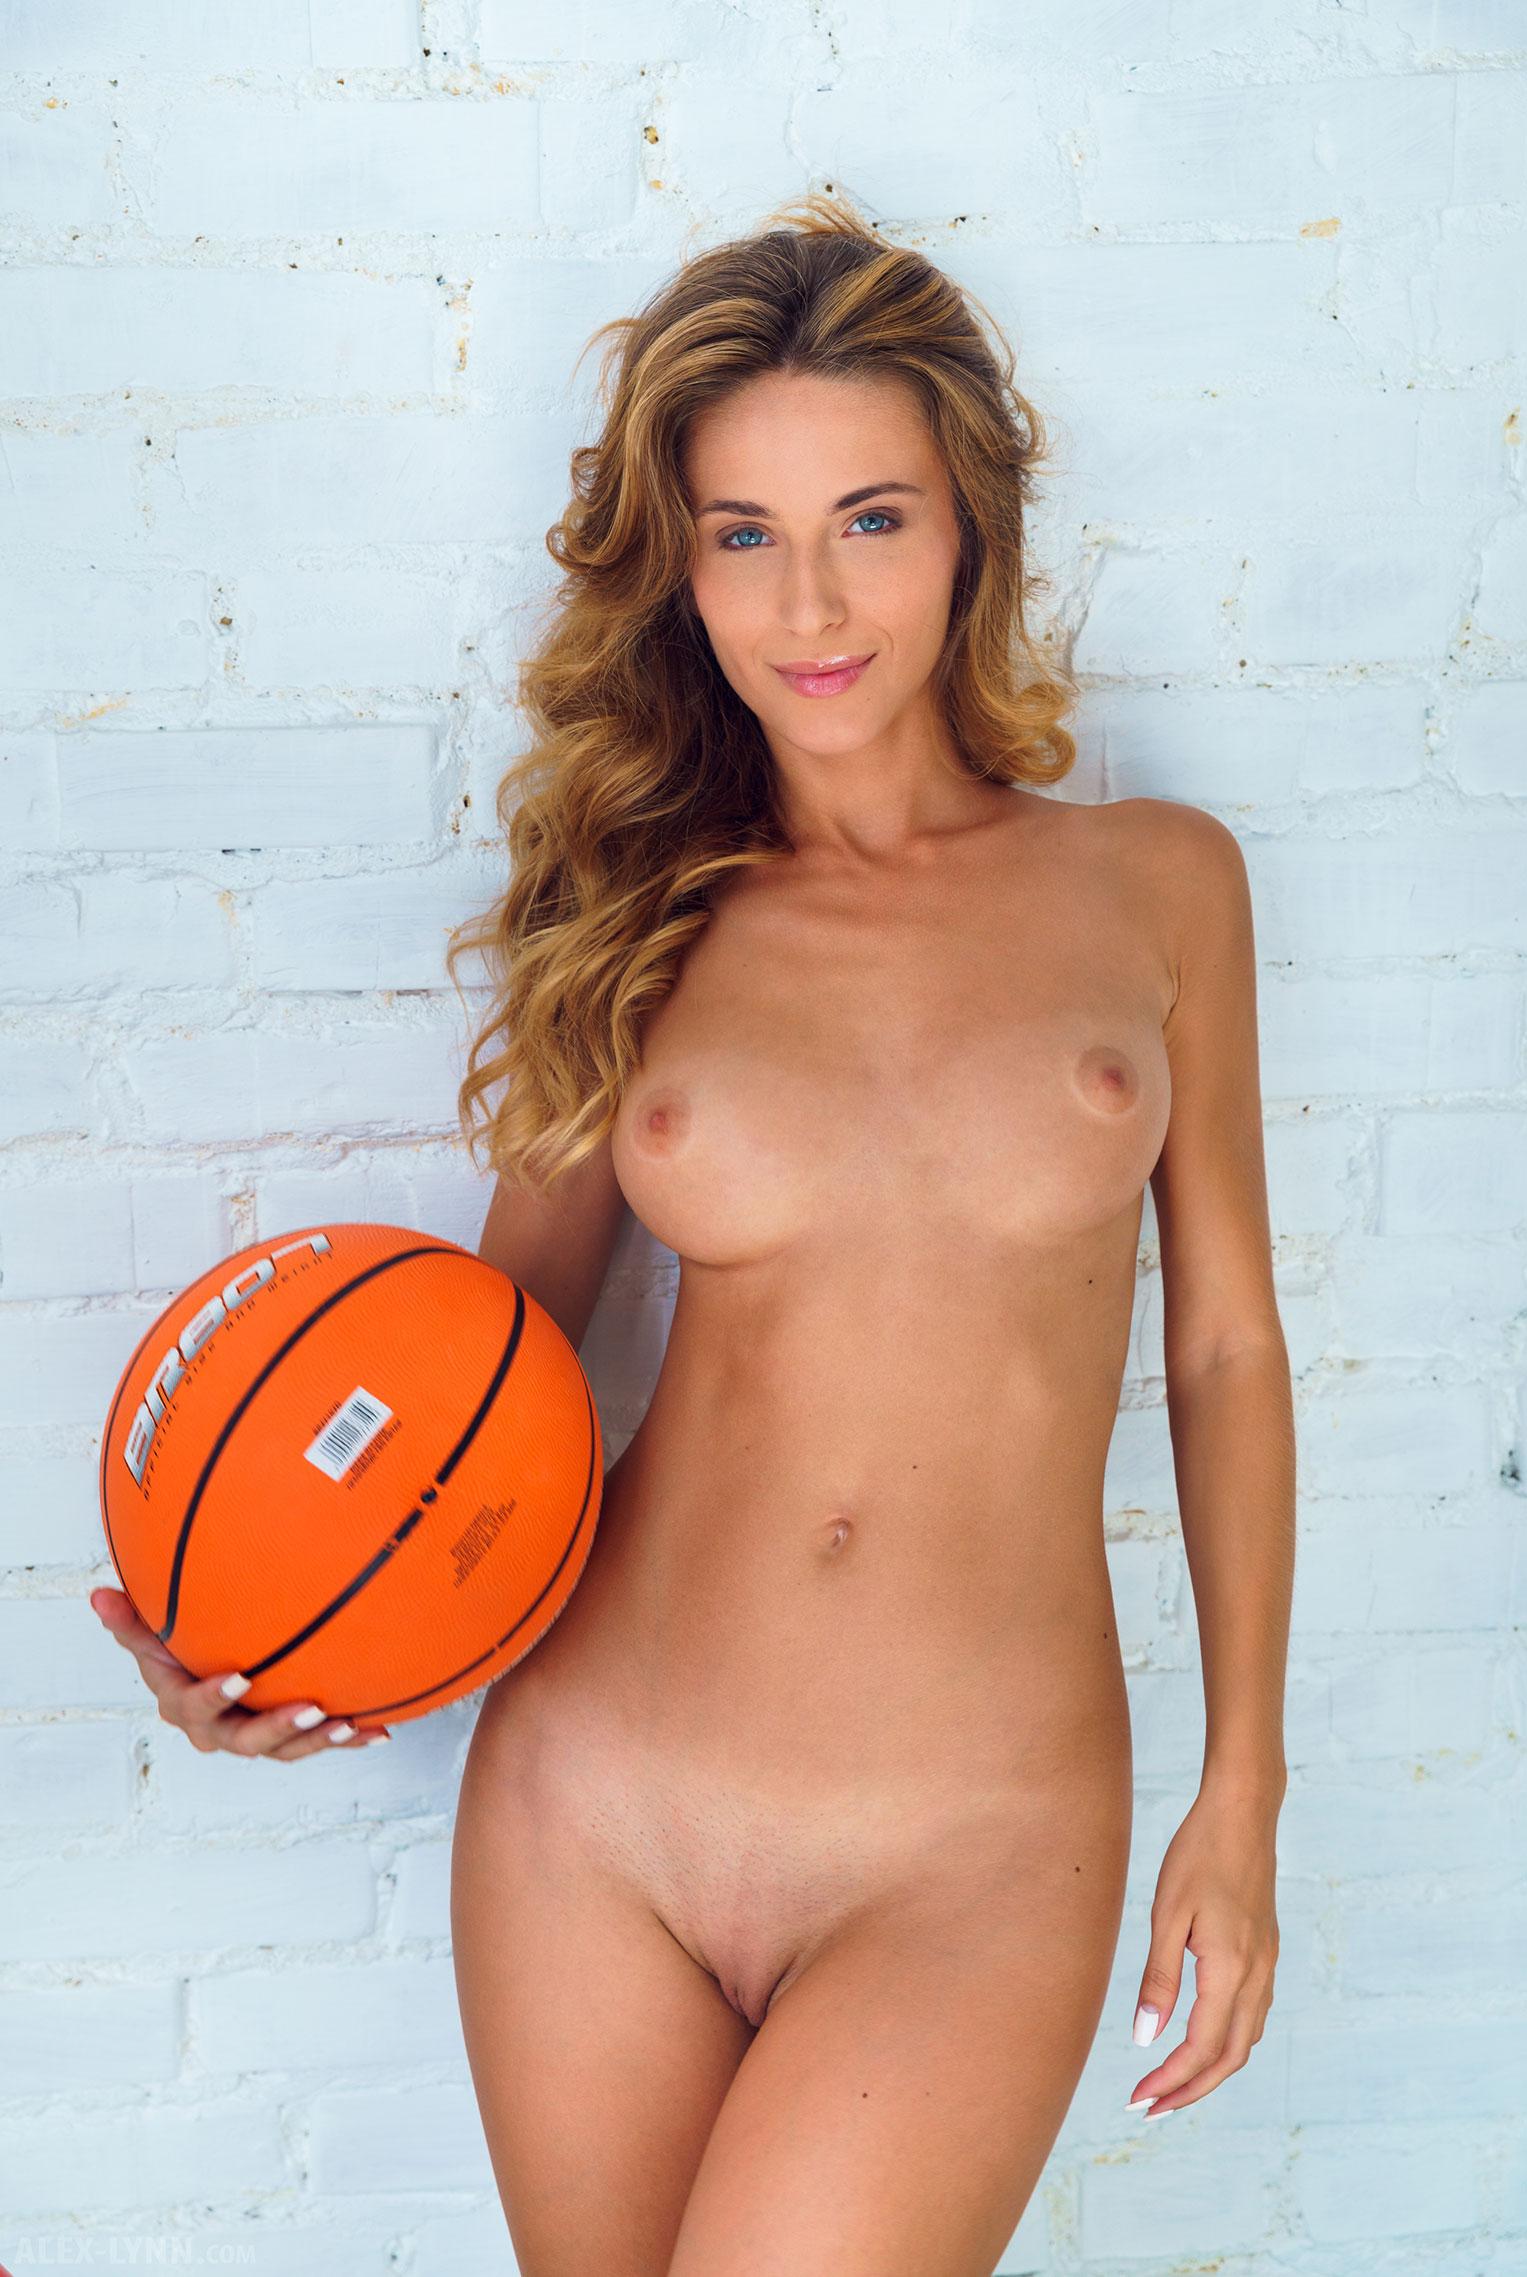 Играем в баскетбол красиво / голая Наталья Войнар с баскетбольным мячом / фото 19